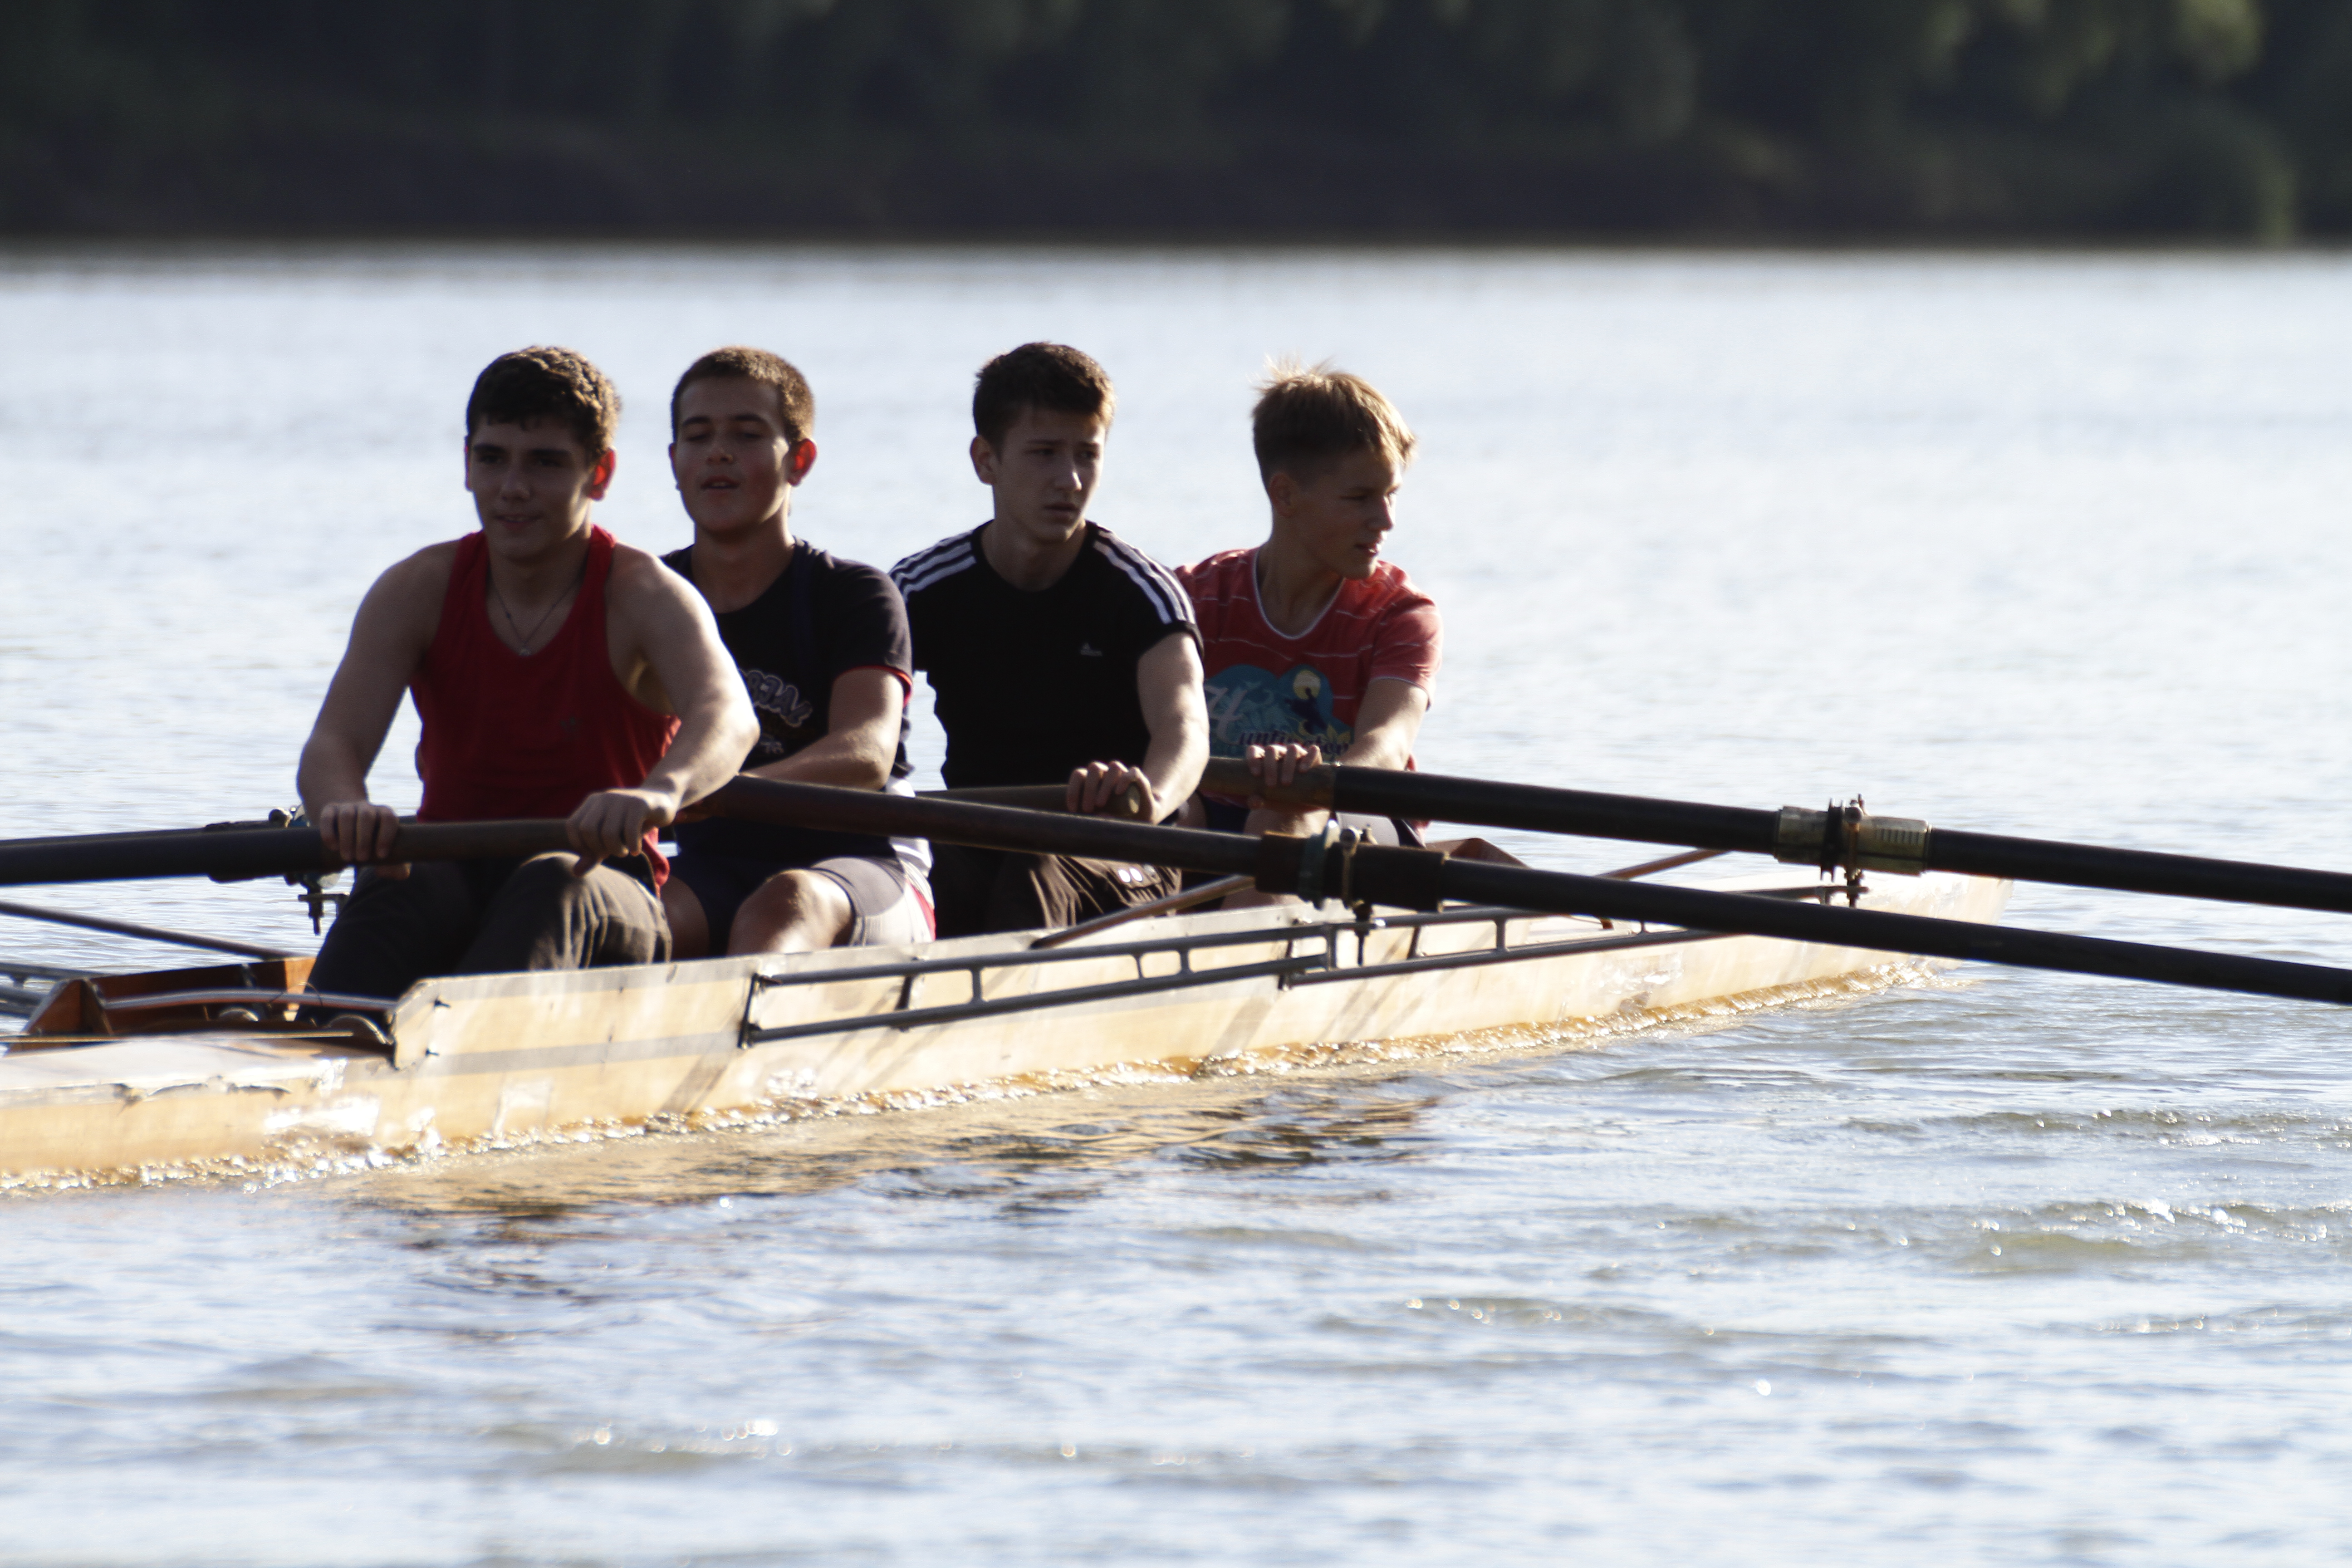 sevenpics presents - Rowing in Tiras